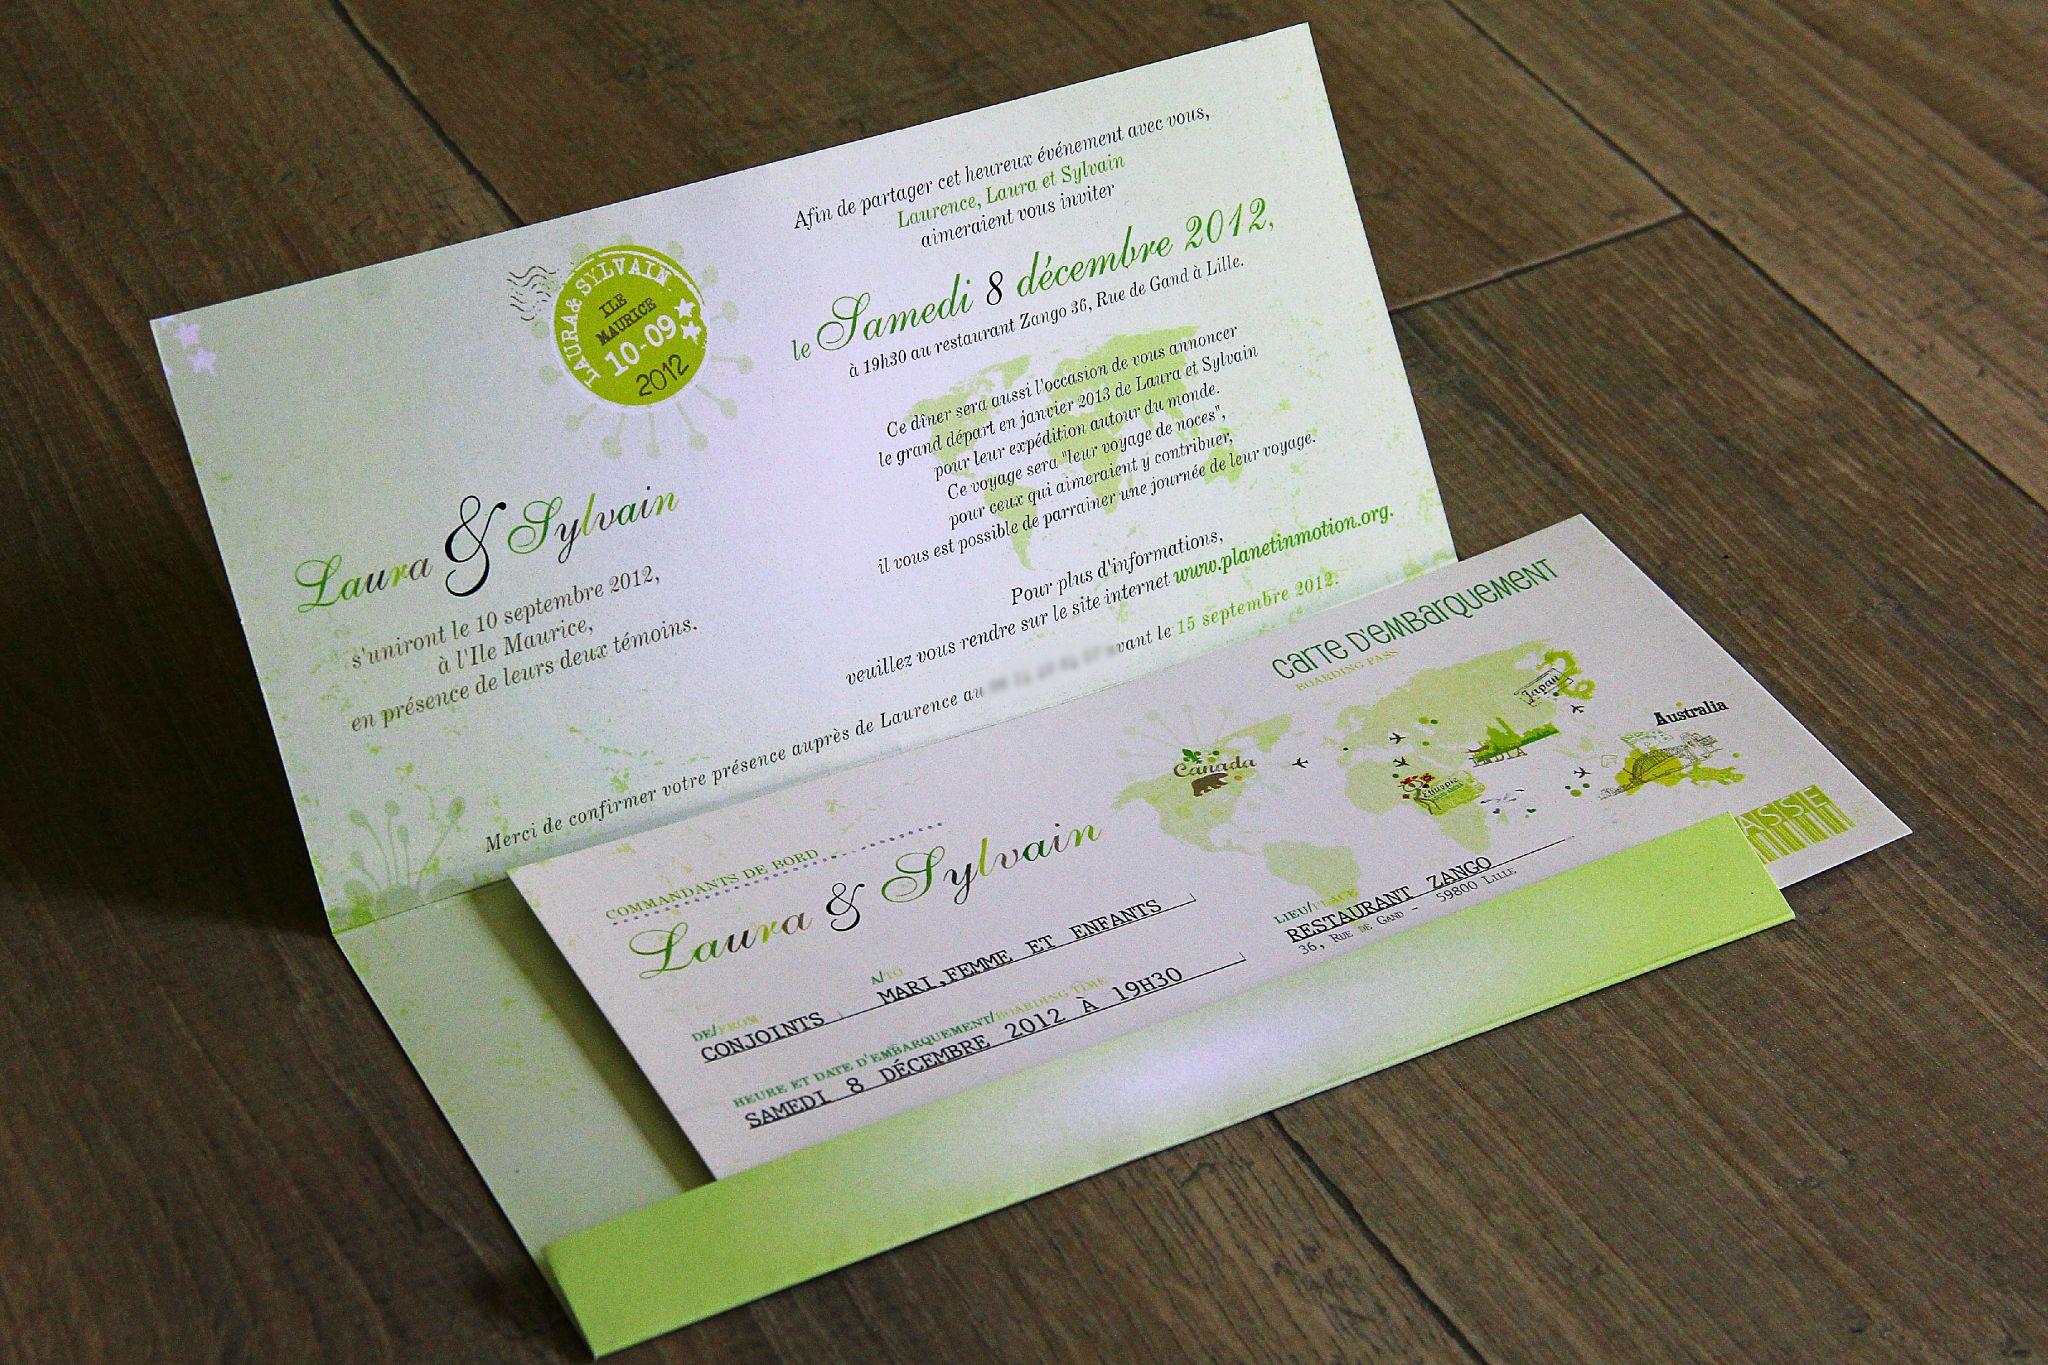 Billet invitation mariage mod le de lettre - Salon creation et savoir faire billet gratuit ...